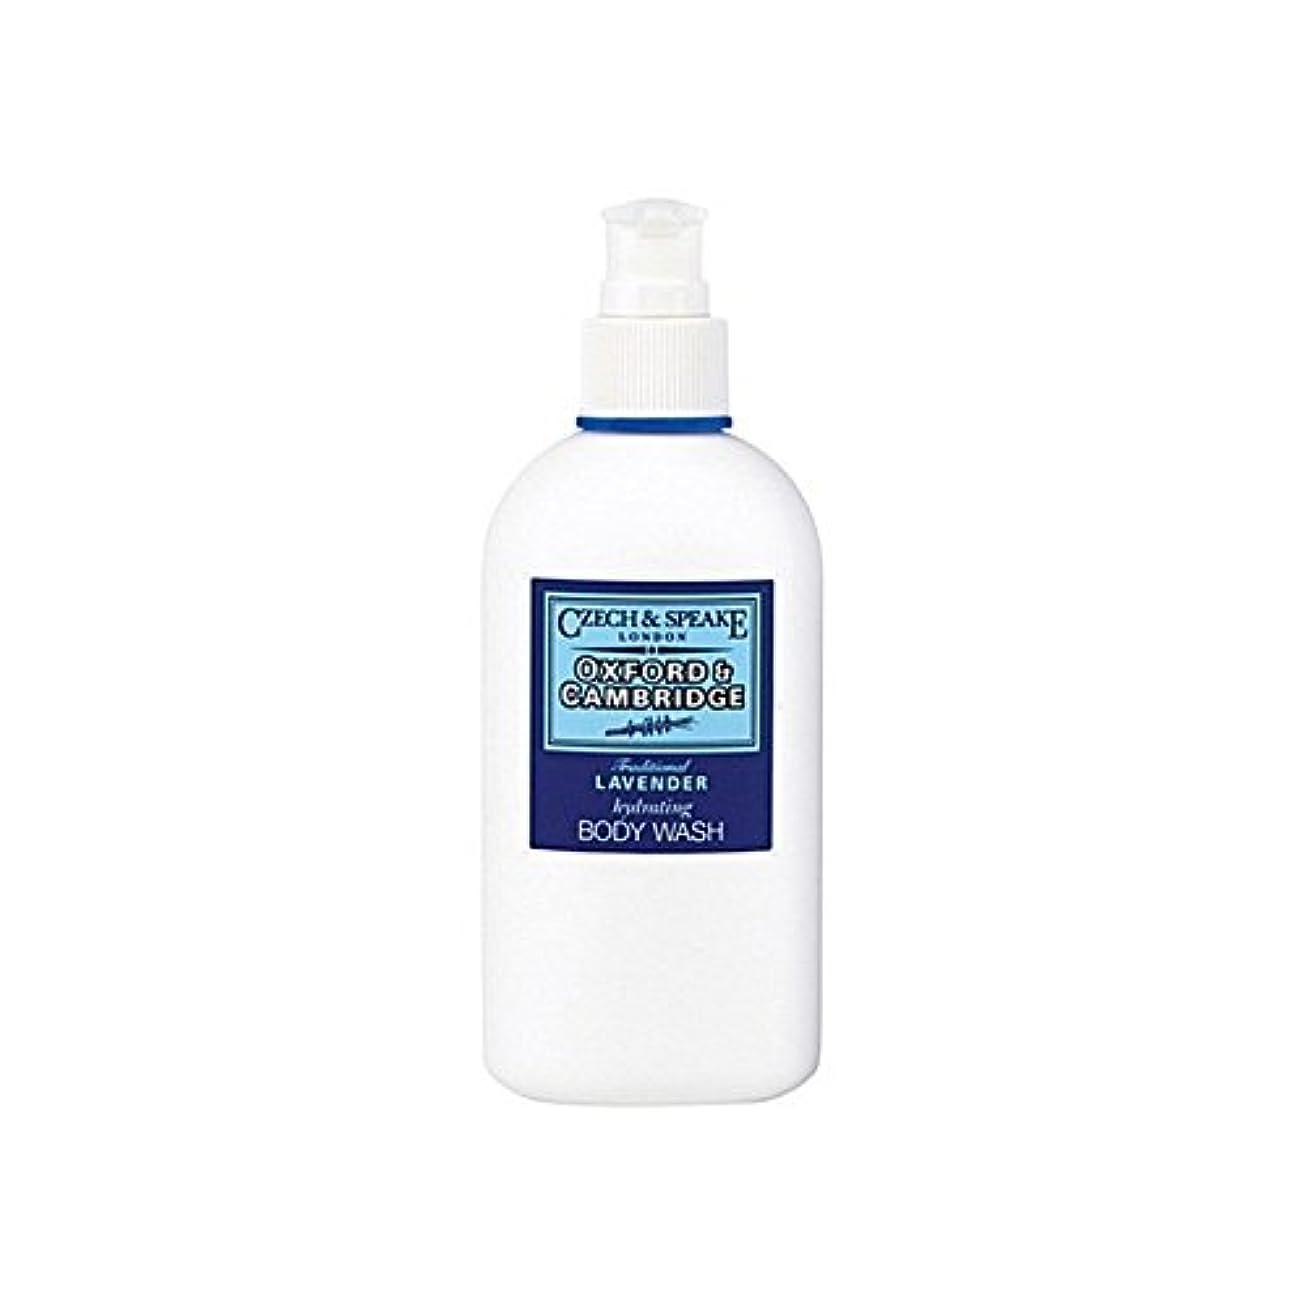 申請者ロープ世代Czech & Speake Oxford & Cambridge Hydrating Body Wash 300ml - チェコ&スピークオックスフォード&ケンブリッジ水和ボディウォッシュ300ミリリットル [並行輸入品]